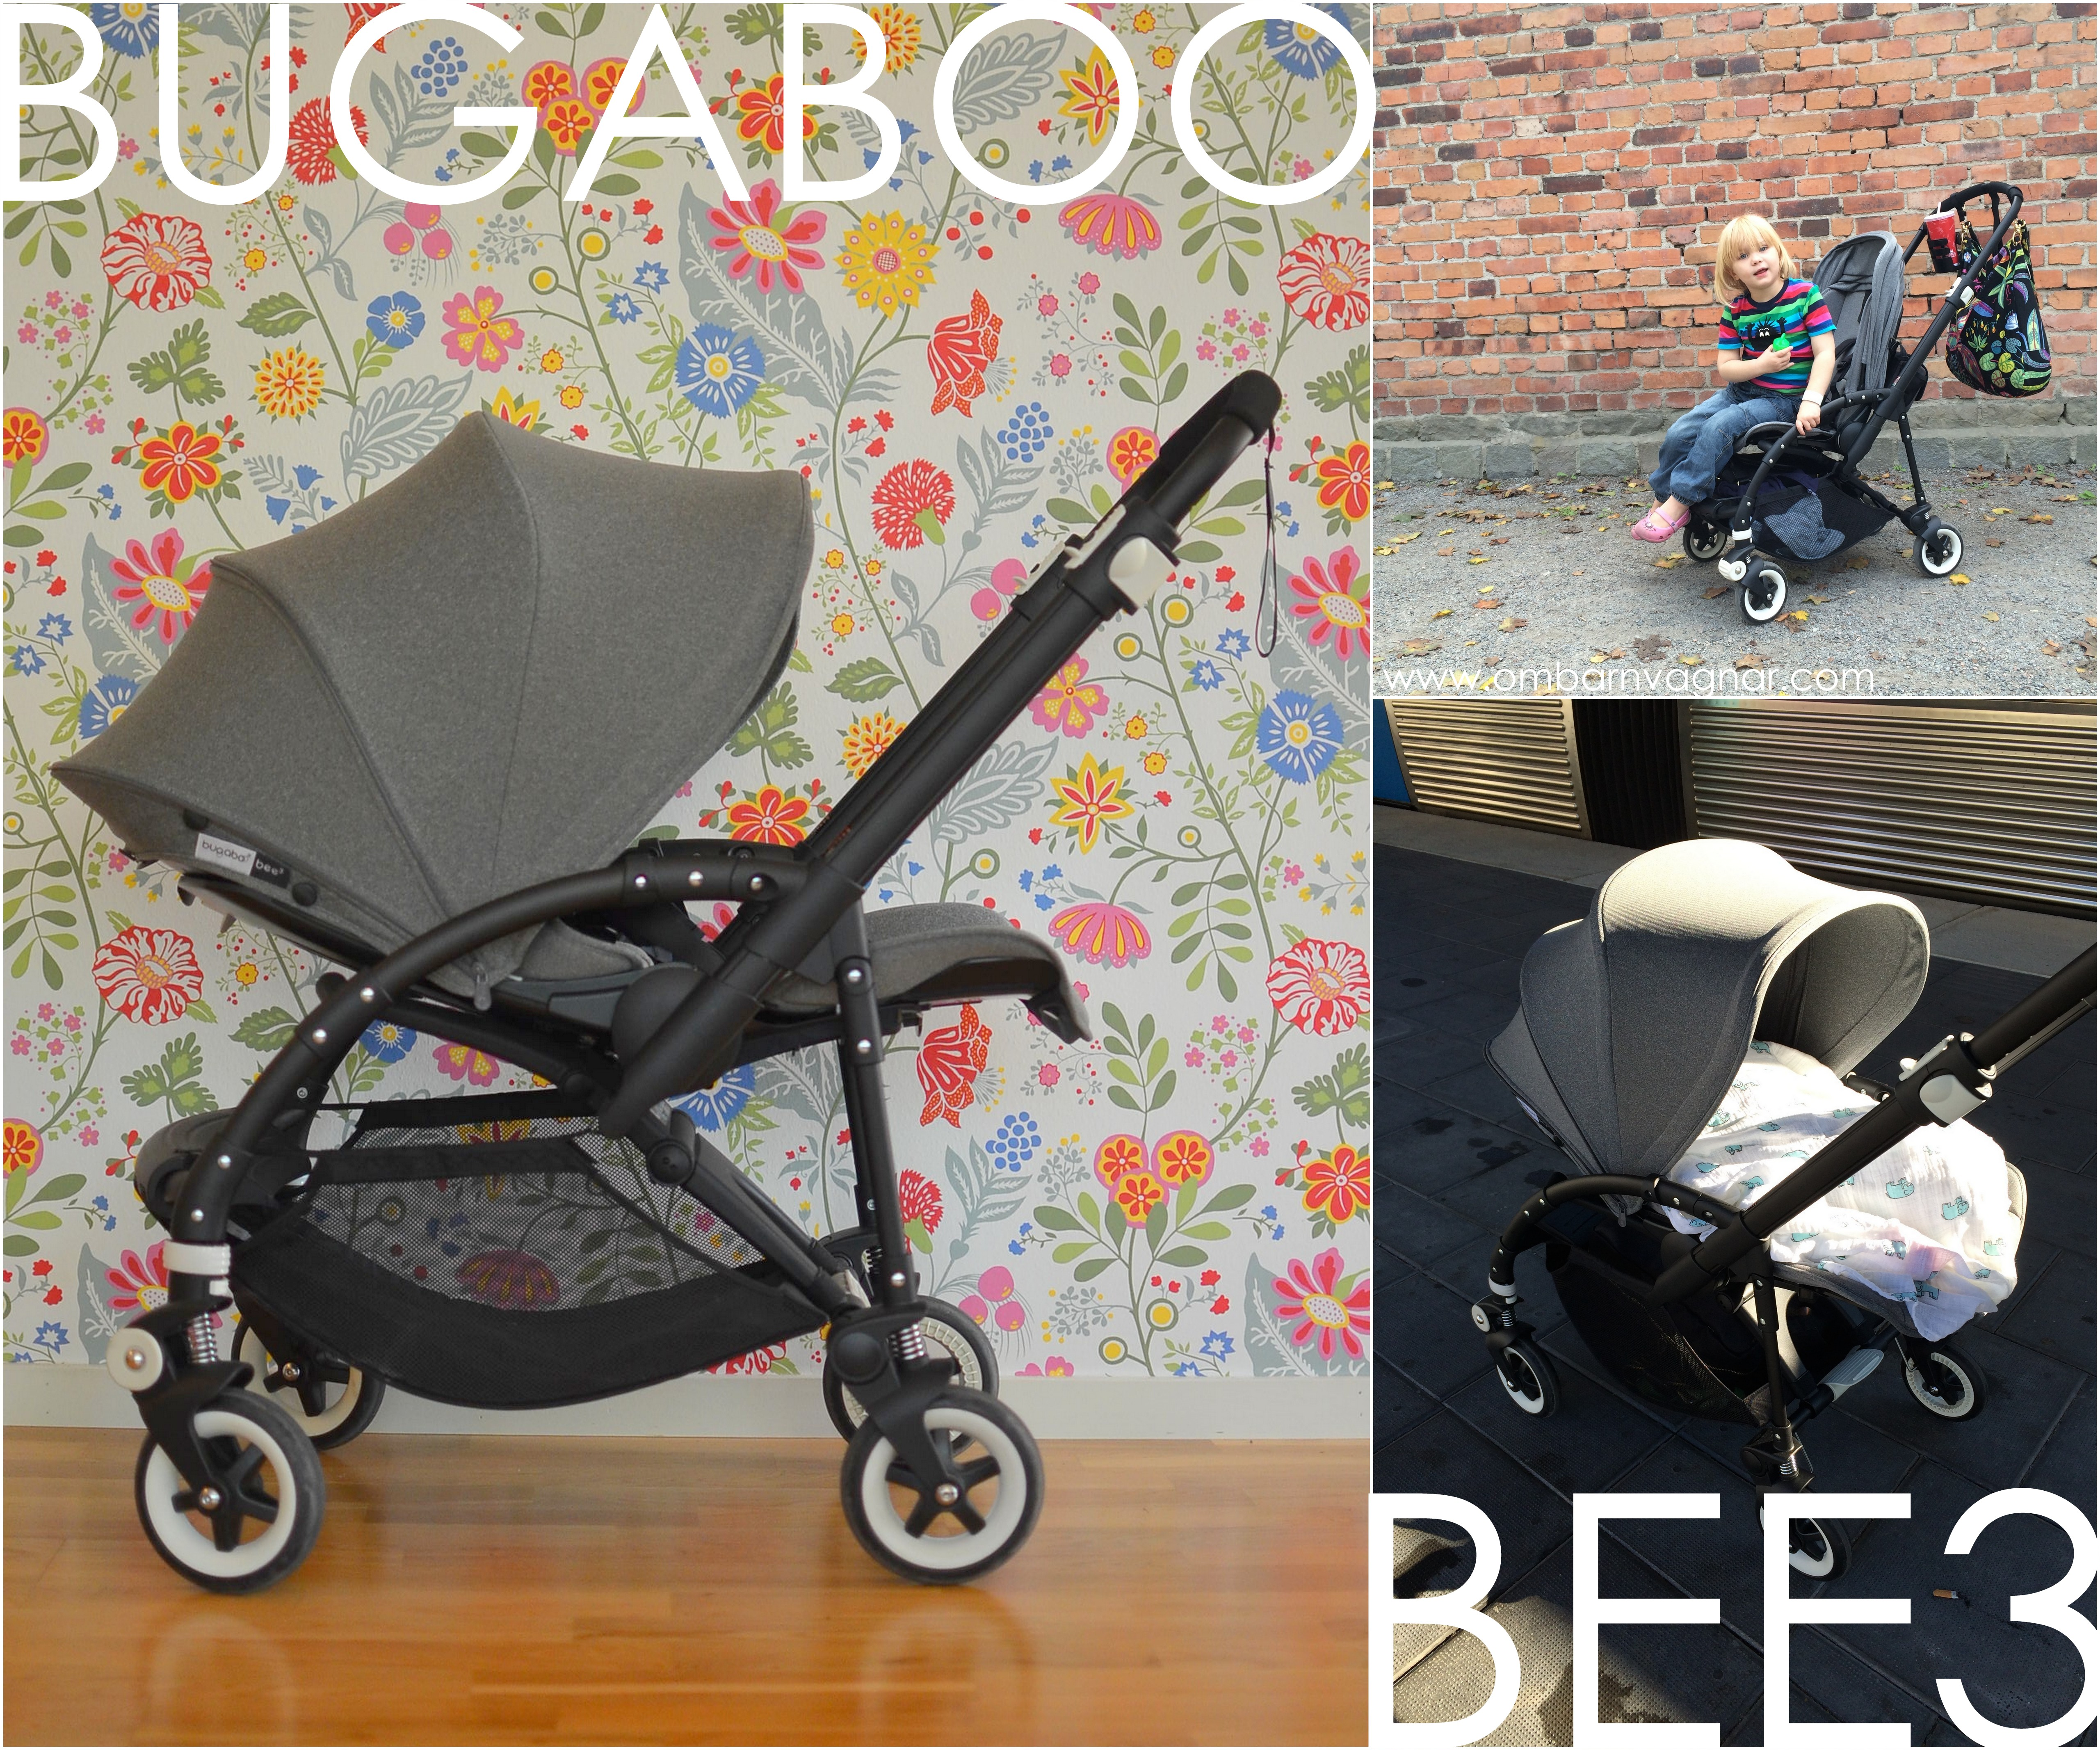 Bugaboo Bee3 recension av Bugaboos vändbara lilla sittvagn